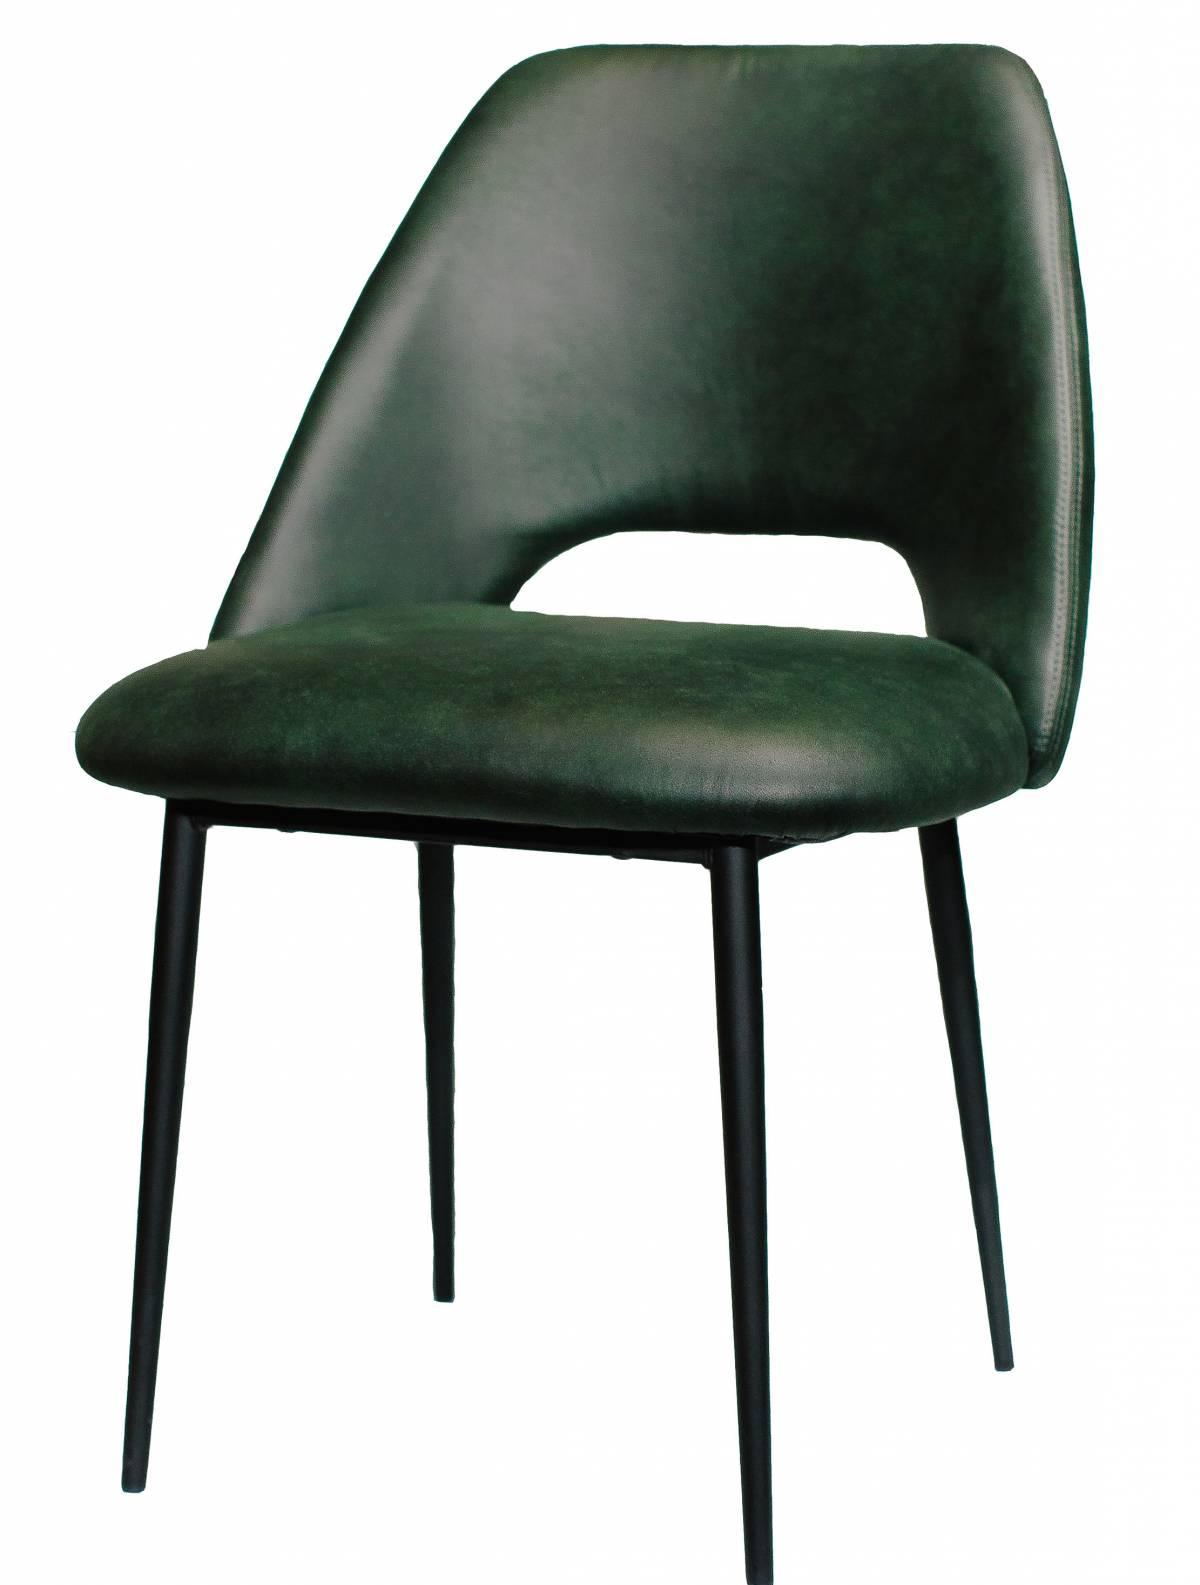 Купить стул Vic Sandalye экокожа зеленый в Raroom